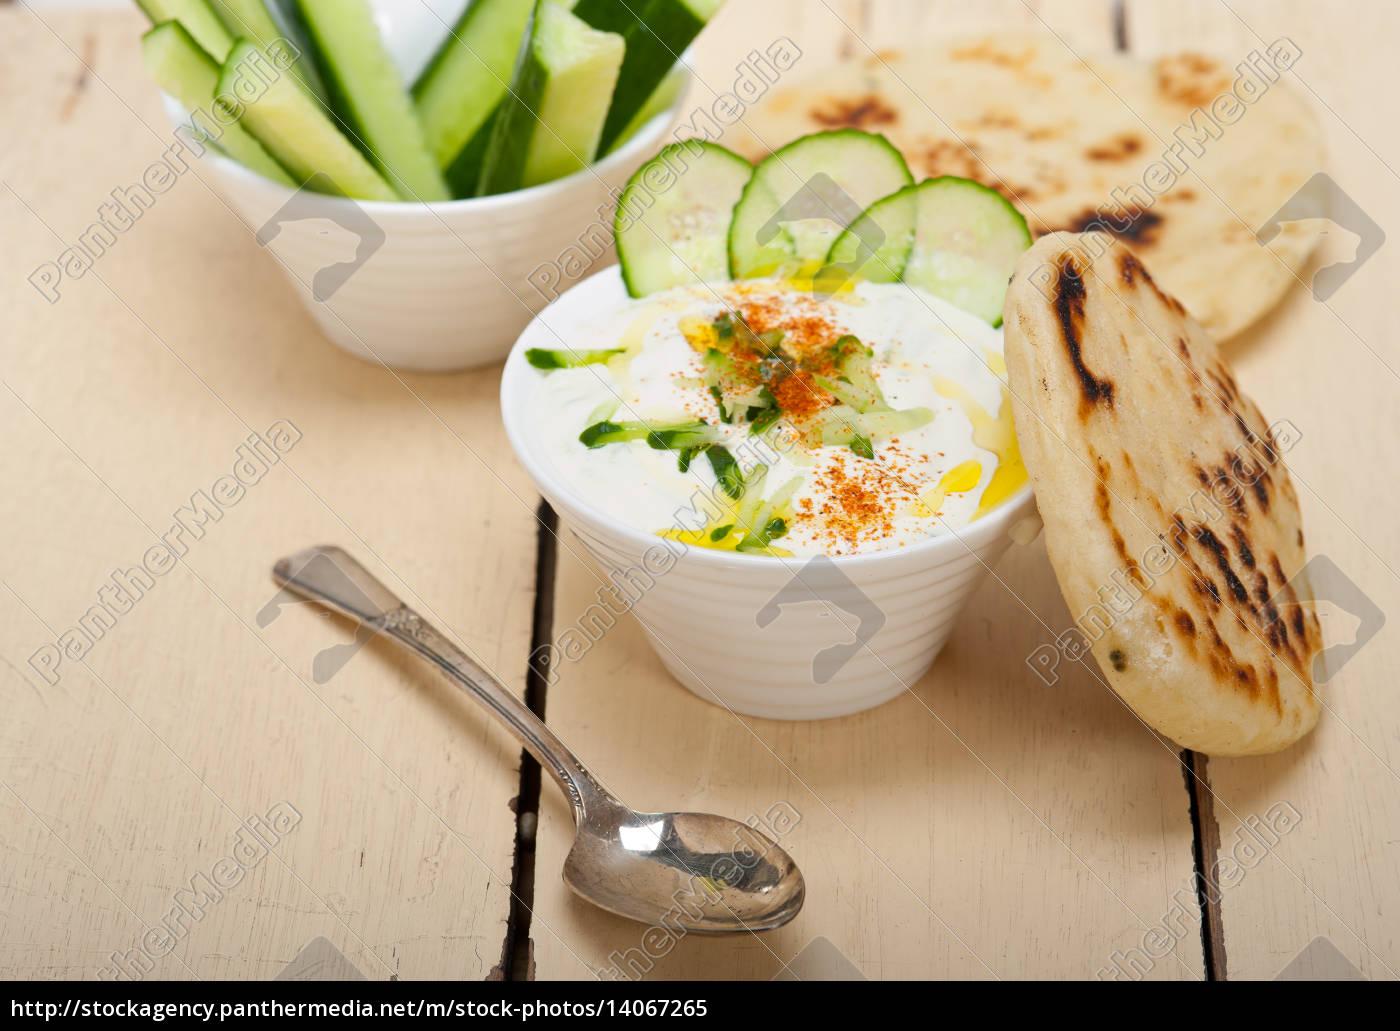 arab, middle, east, goat, yogurt, and - 14067265